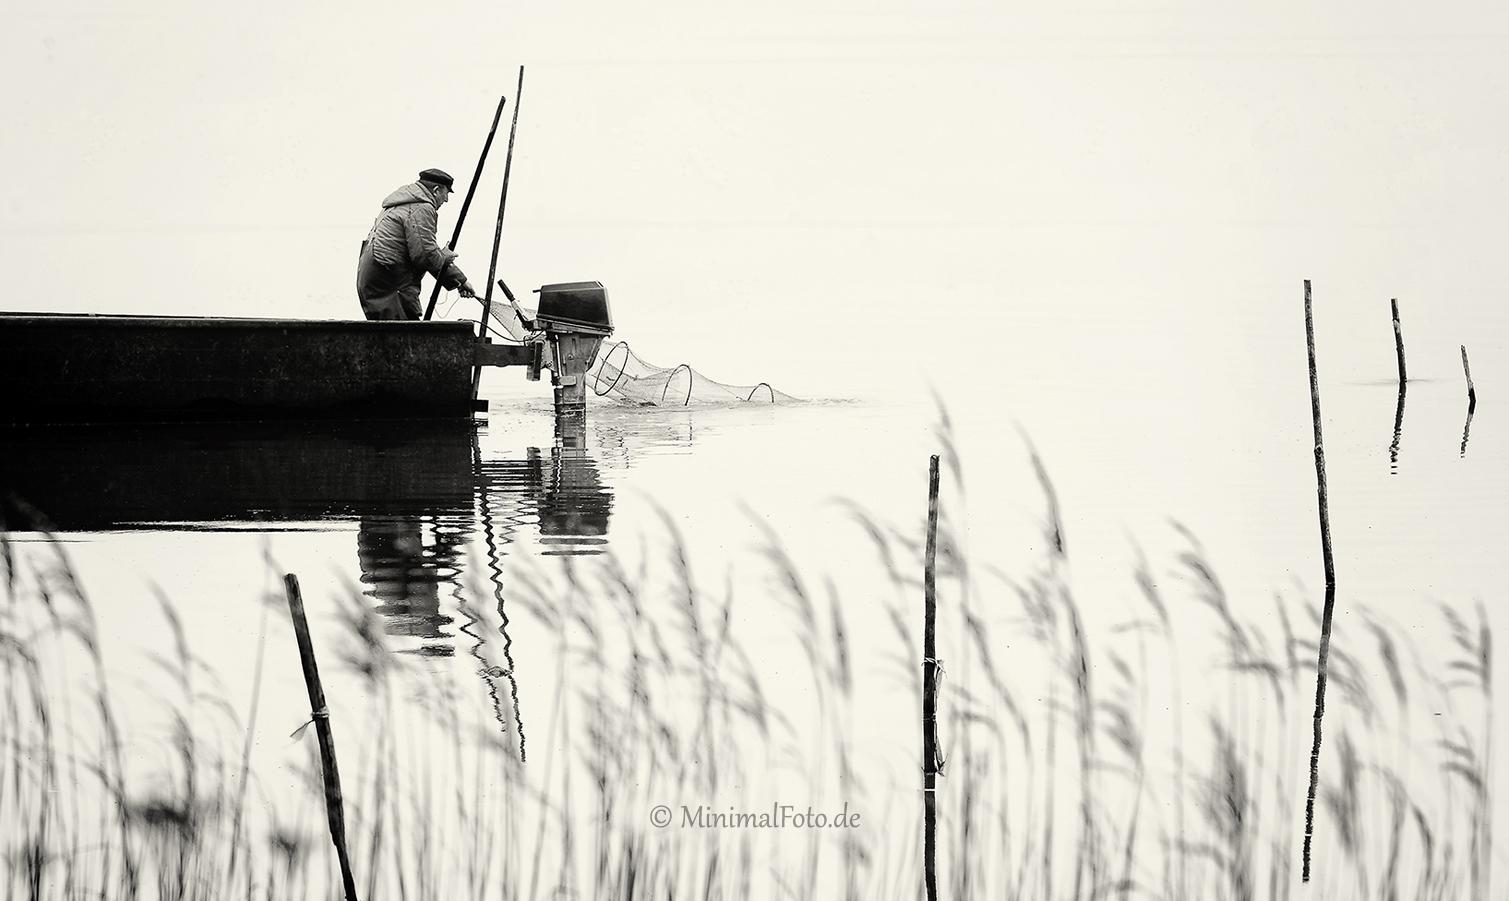 Mann-man-Fisherman-Fischer-Boot-boat-See-Lake-Minimalismus-minimalistisch-minimalistic-people-Menschen-Silhouette-black-white-schwarz-weiss-2_DSC7091sw